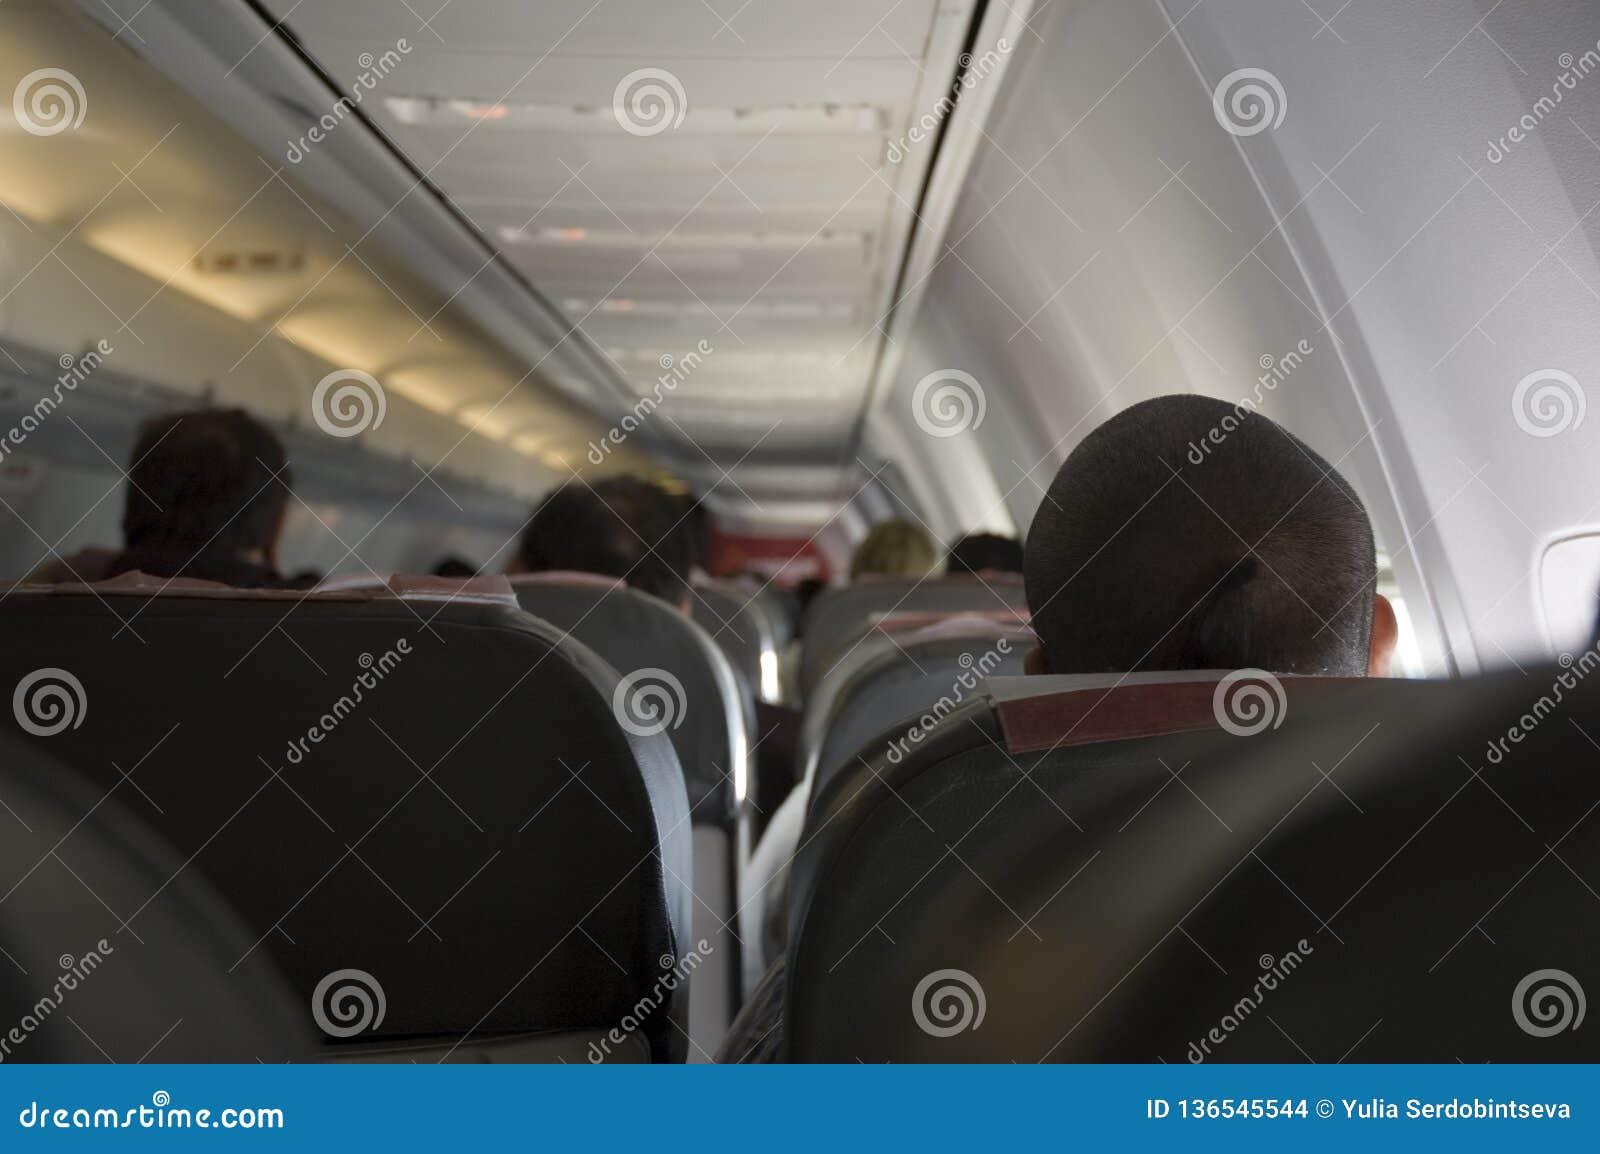 Leute sitzen in der Flugzeugkabine und in der Warteabfahrt